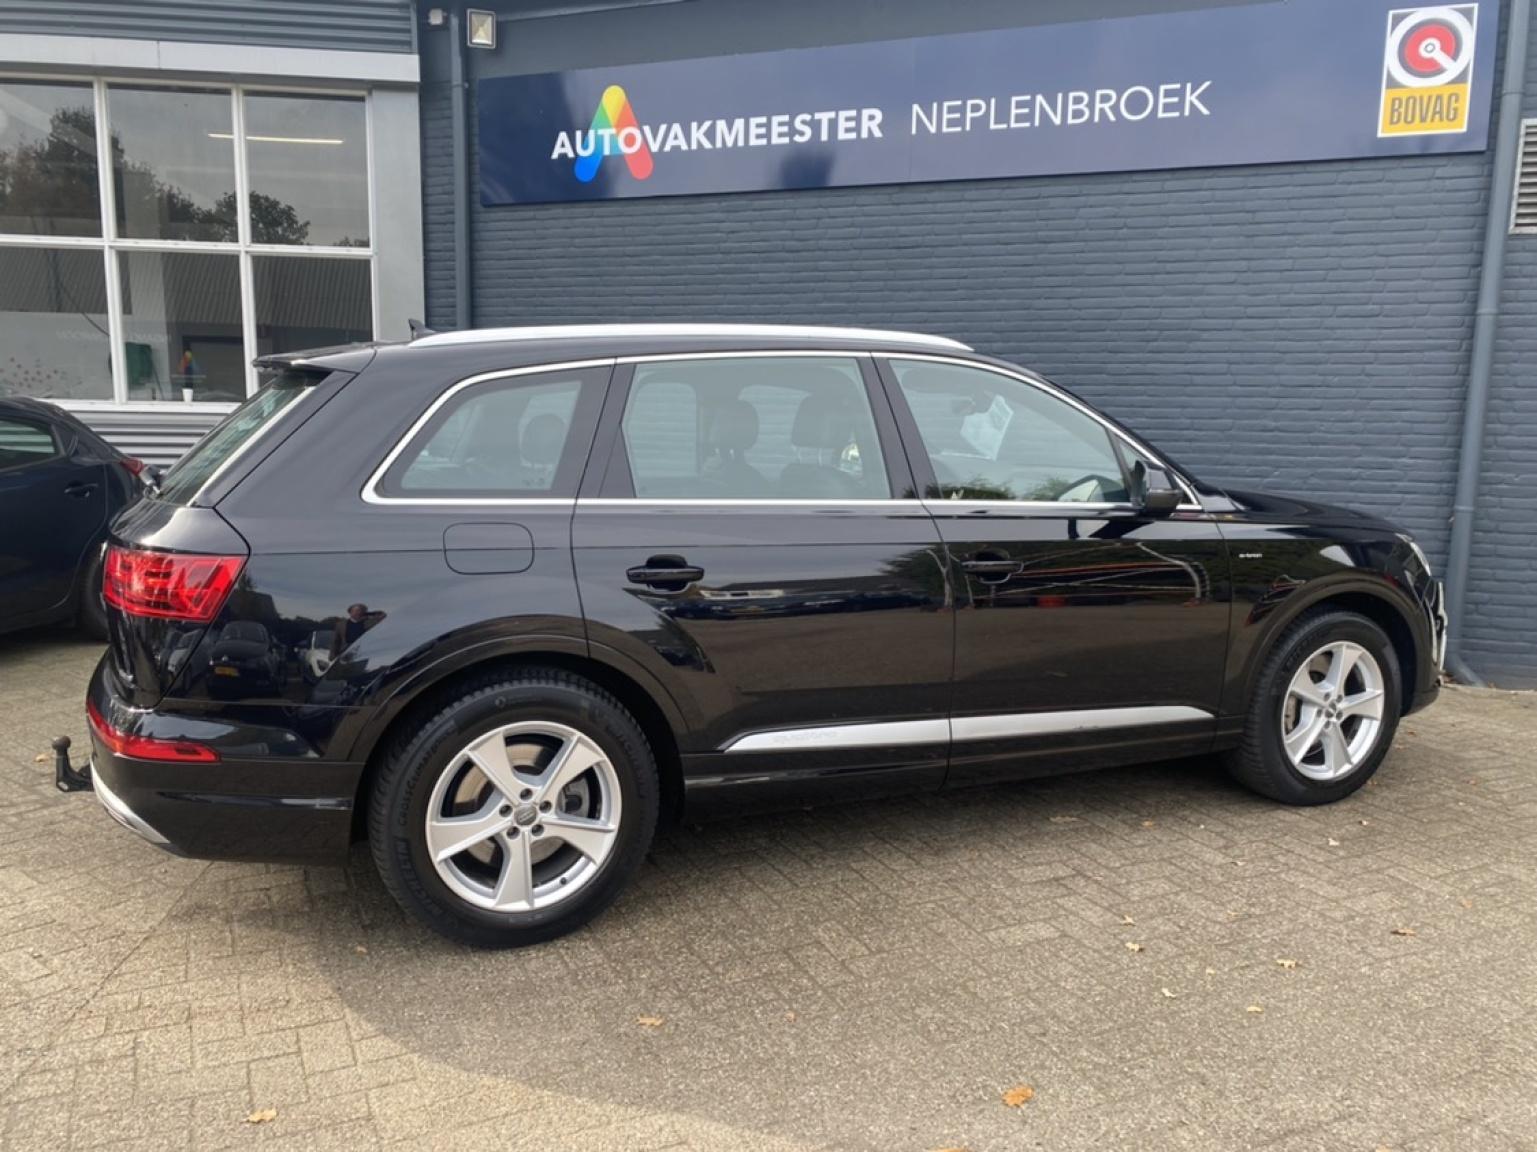 Audi-Q7-52